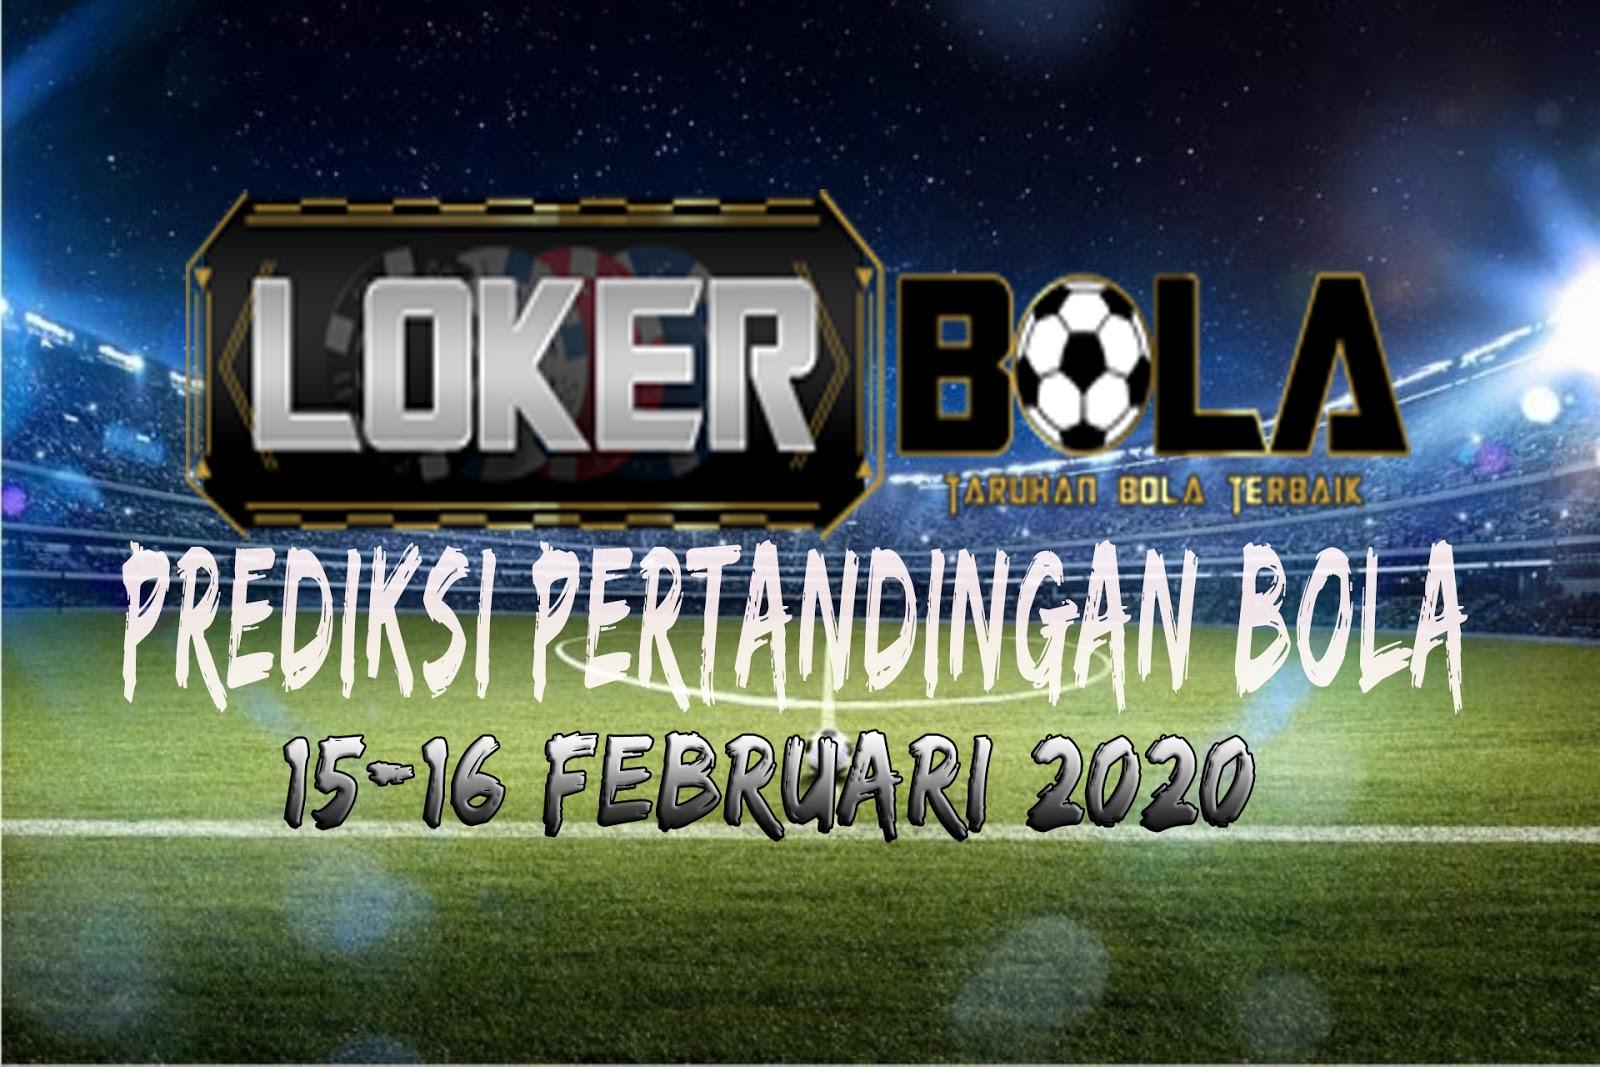 PREDIKSI PERTANDINGAN BOLA 15-16 FEBRUARI 2020